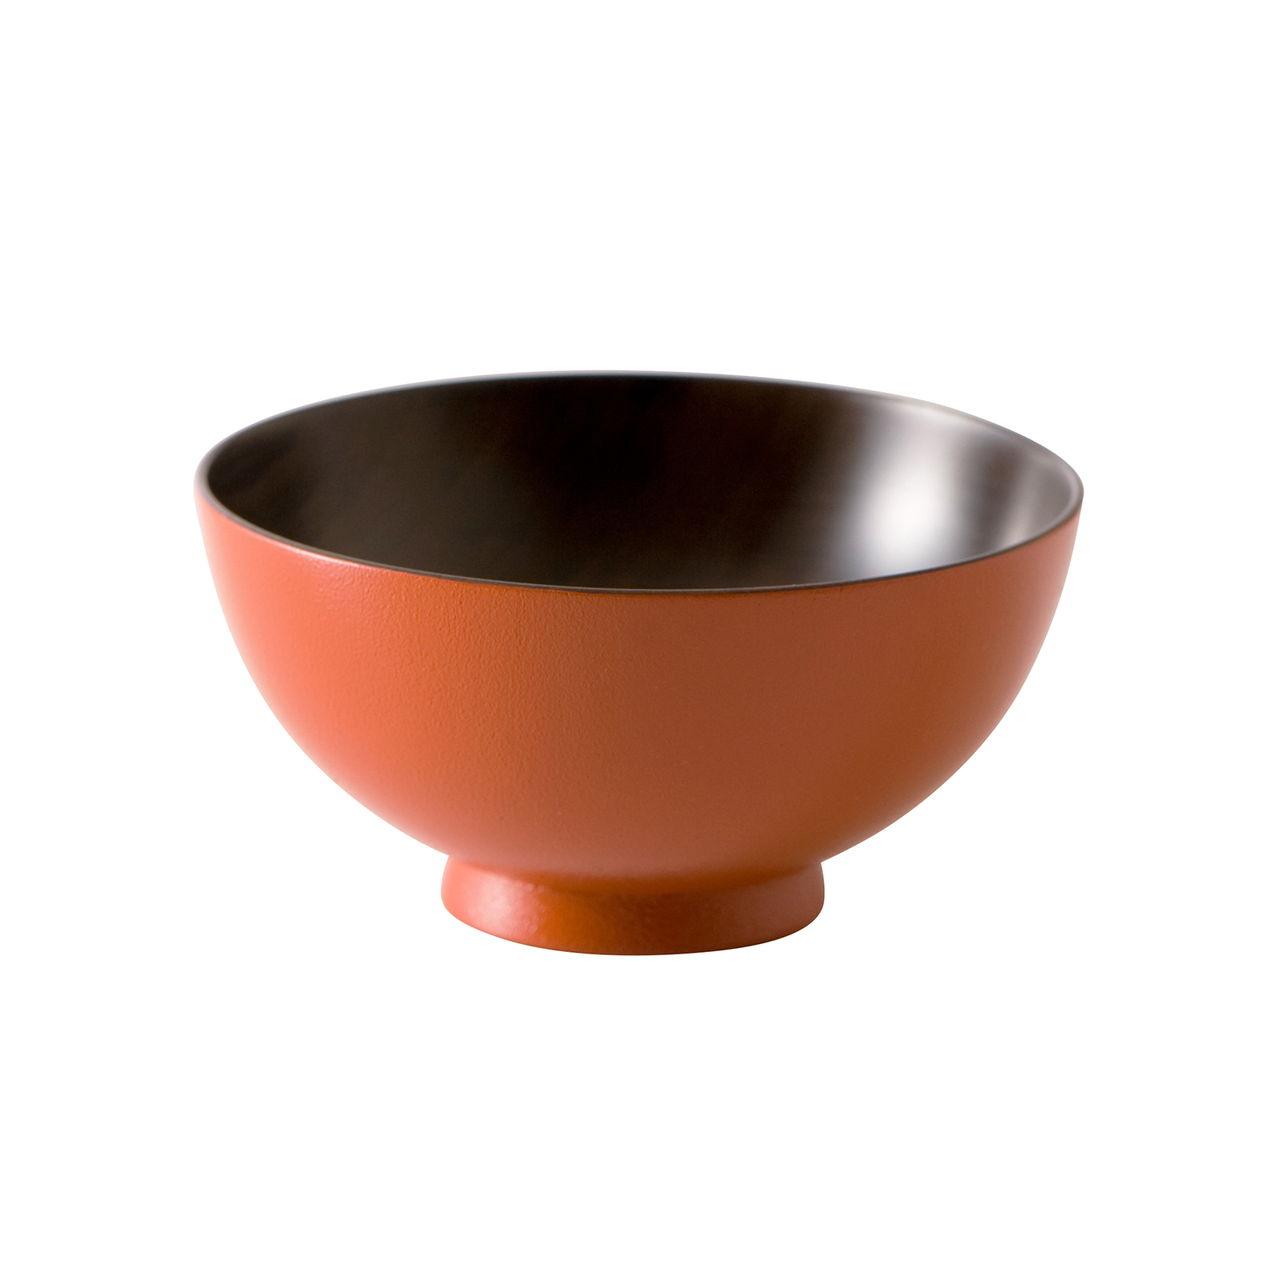 山中漆器 白鷺木工 子ども 飯椀 約10cm sibo さくら 黒×オレンジ  381229